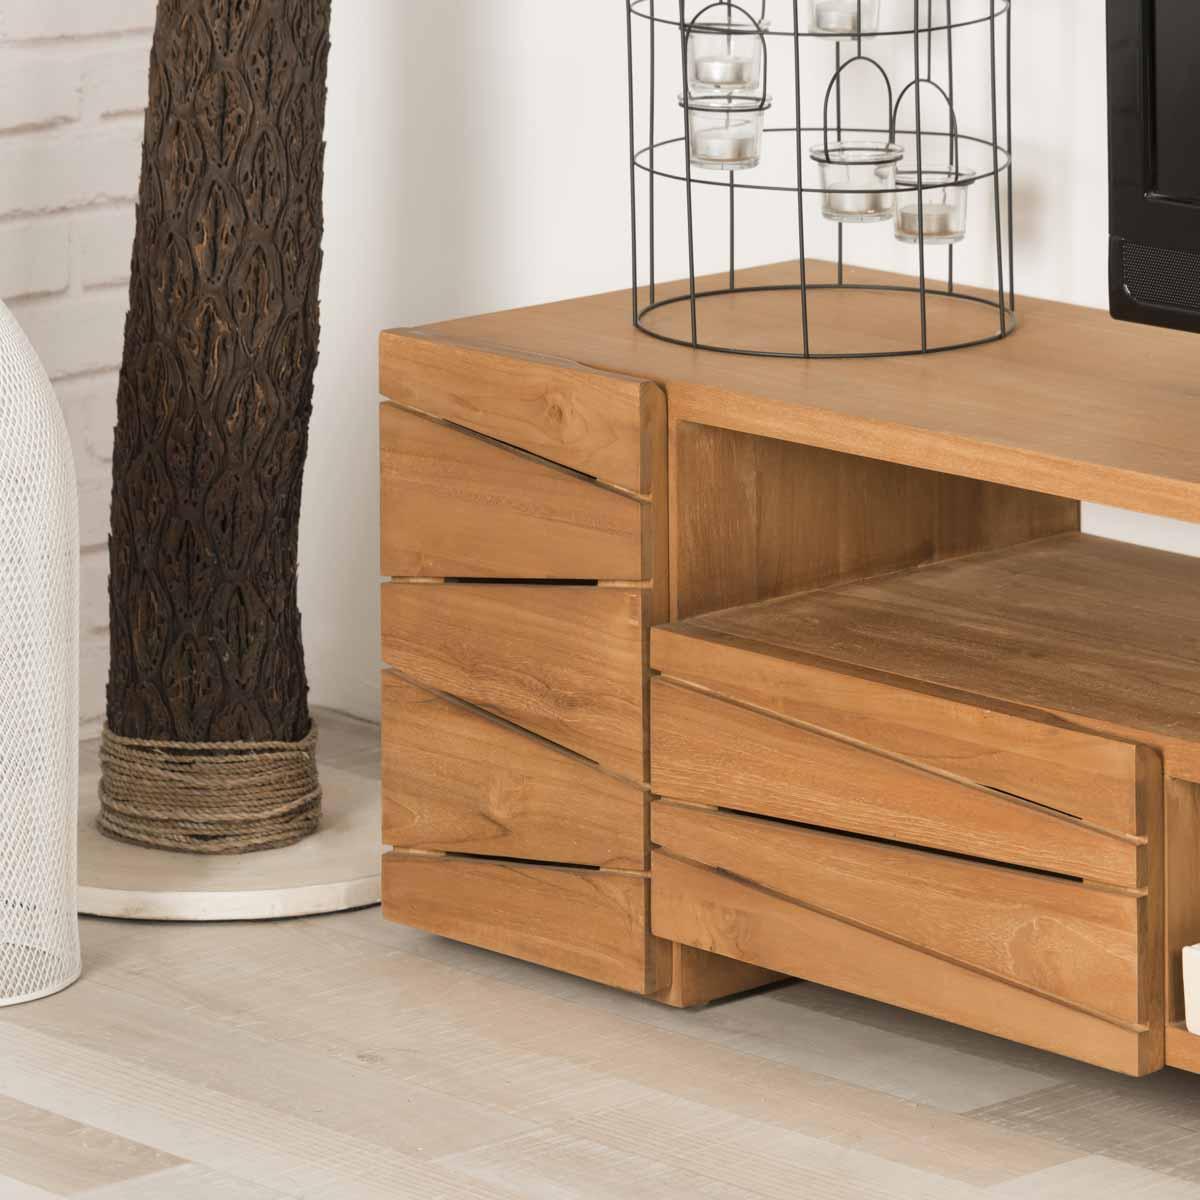 Meuble tv teck meuble tv bois naturel rectangle for Meuble en teck